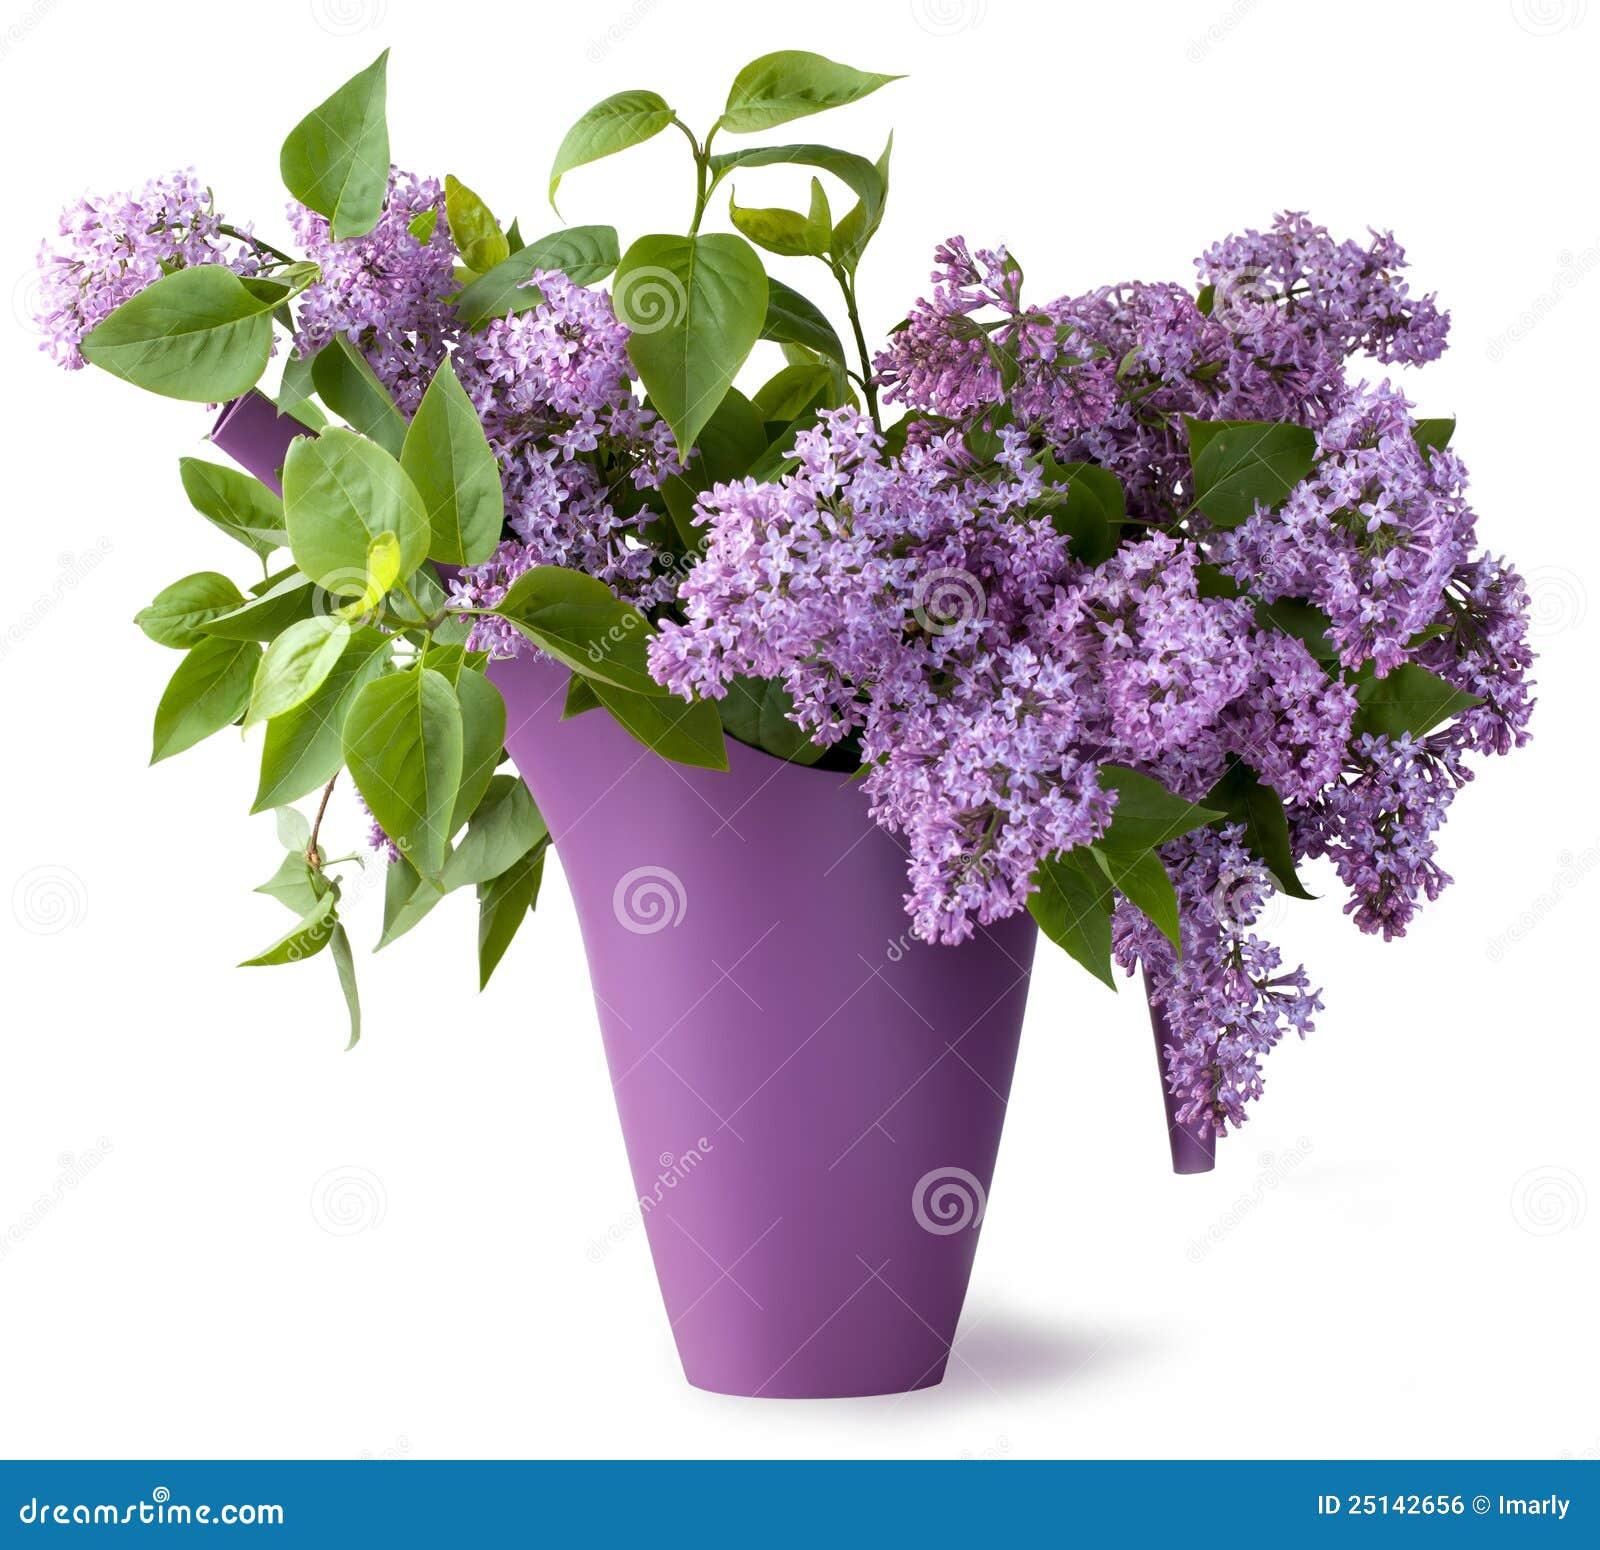 Bouquet de fleur lilas image libre de droits image 25142656 for Bouquet de fleurs lilas